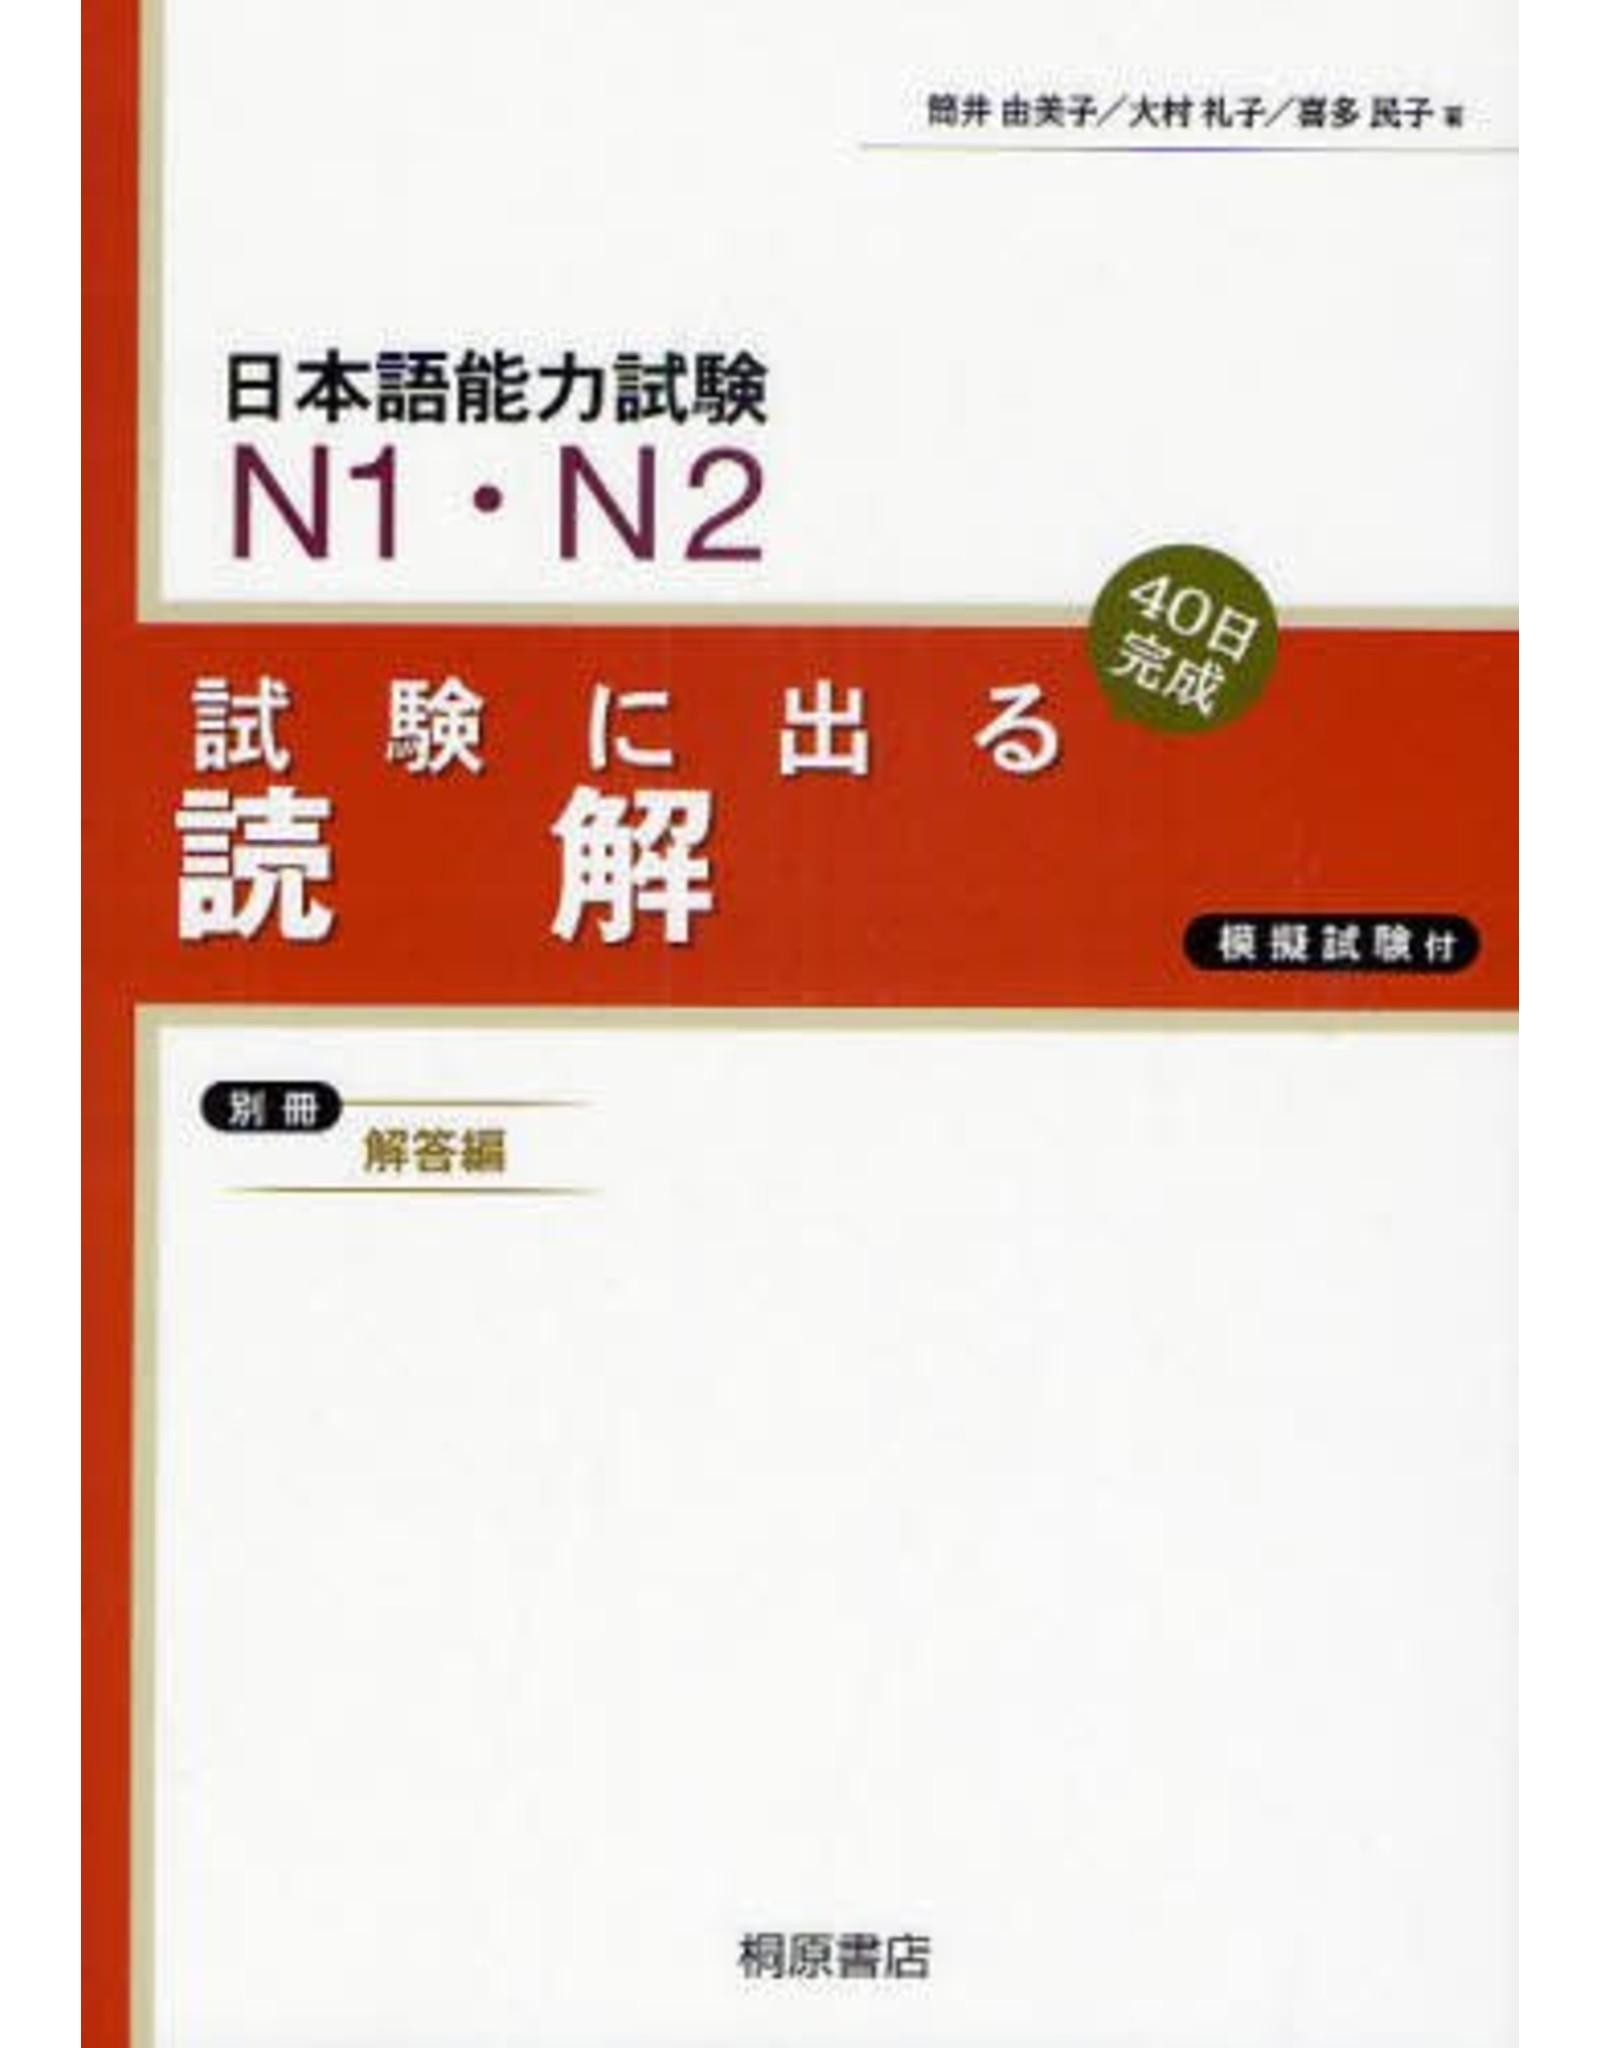 JLPT N1 / N2 SHIKE NI DERU DOKKAI